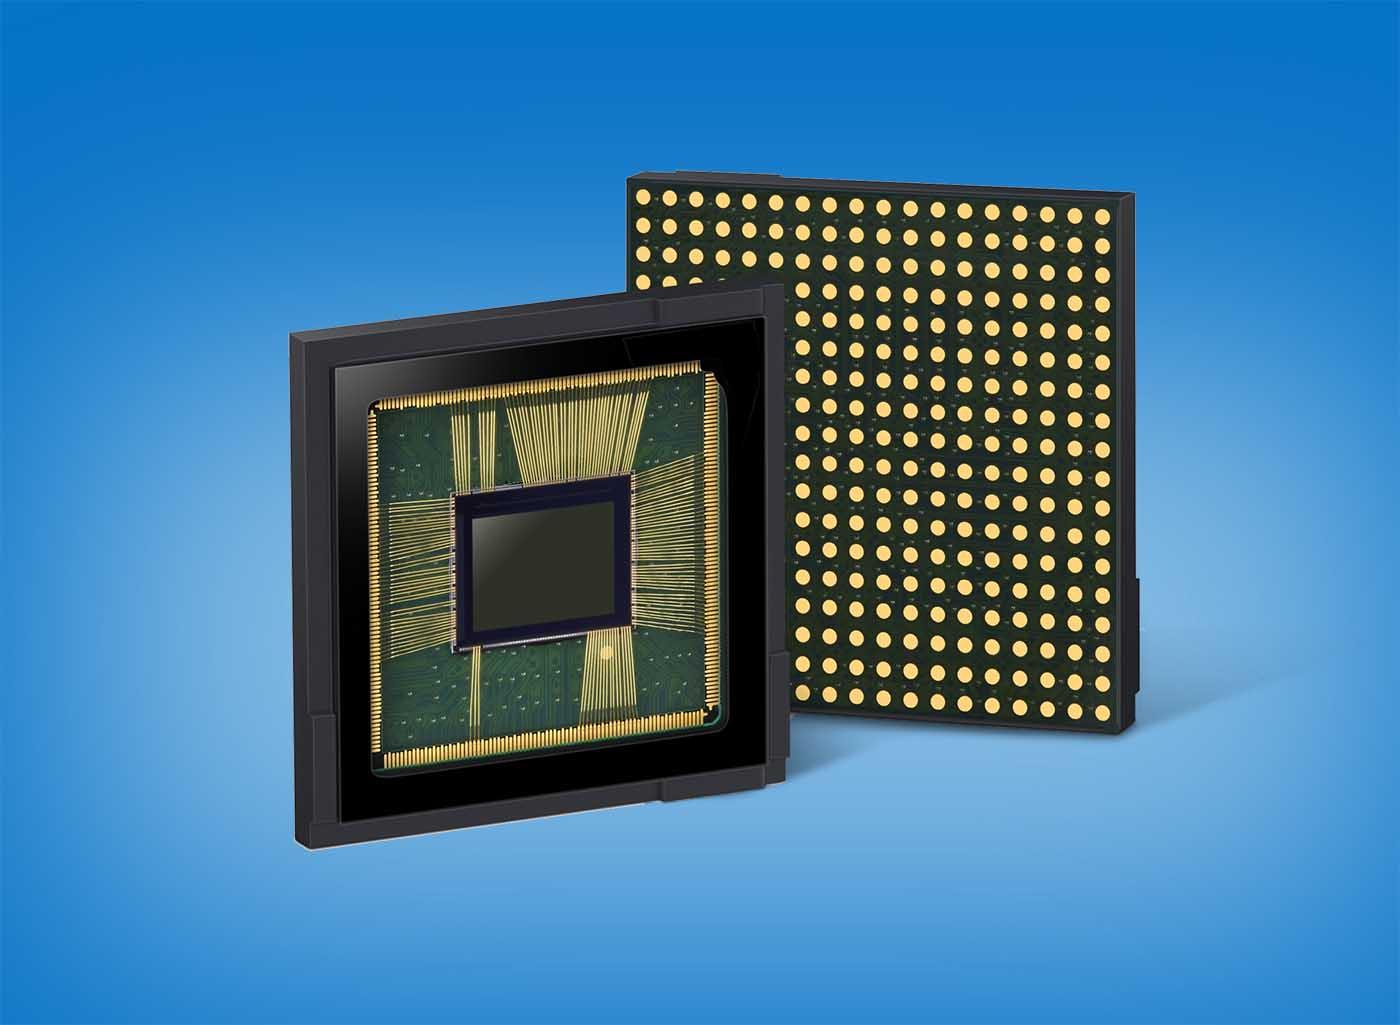 El nuevo Isocell Dual Pixel Fast 2L9 con tecnología de doble píxel permite conseguir efectos de profundidad como el efecto retrato